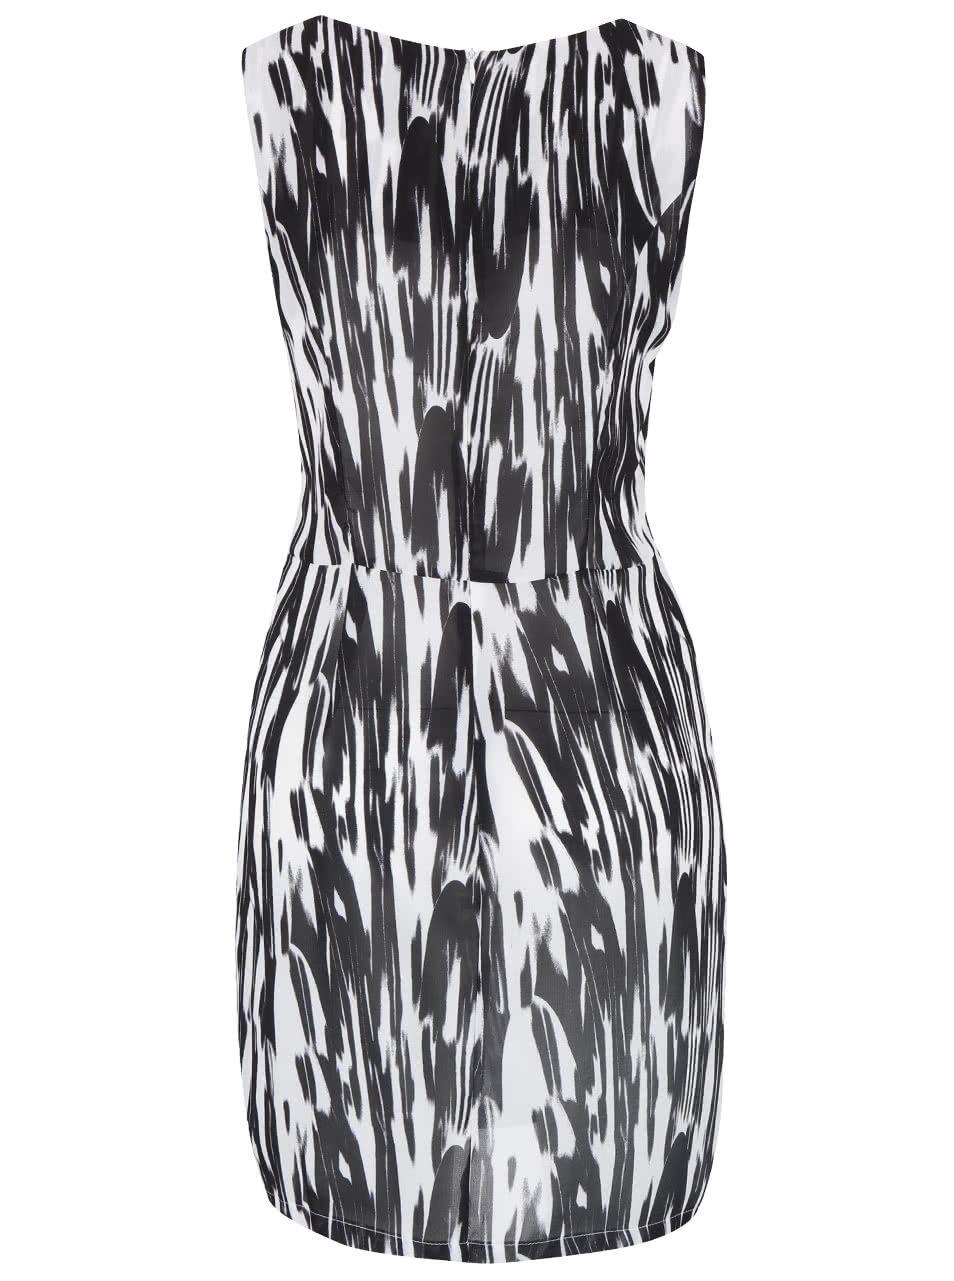 fe6e41b7ff3 Černo-bílé žíhané šaty bez rukávů ZOOT Now ...